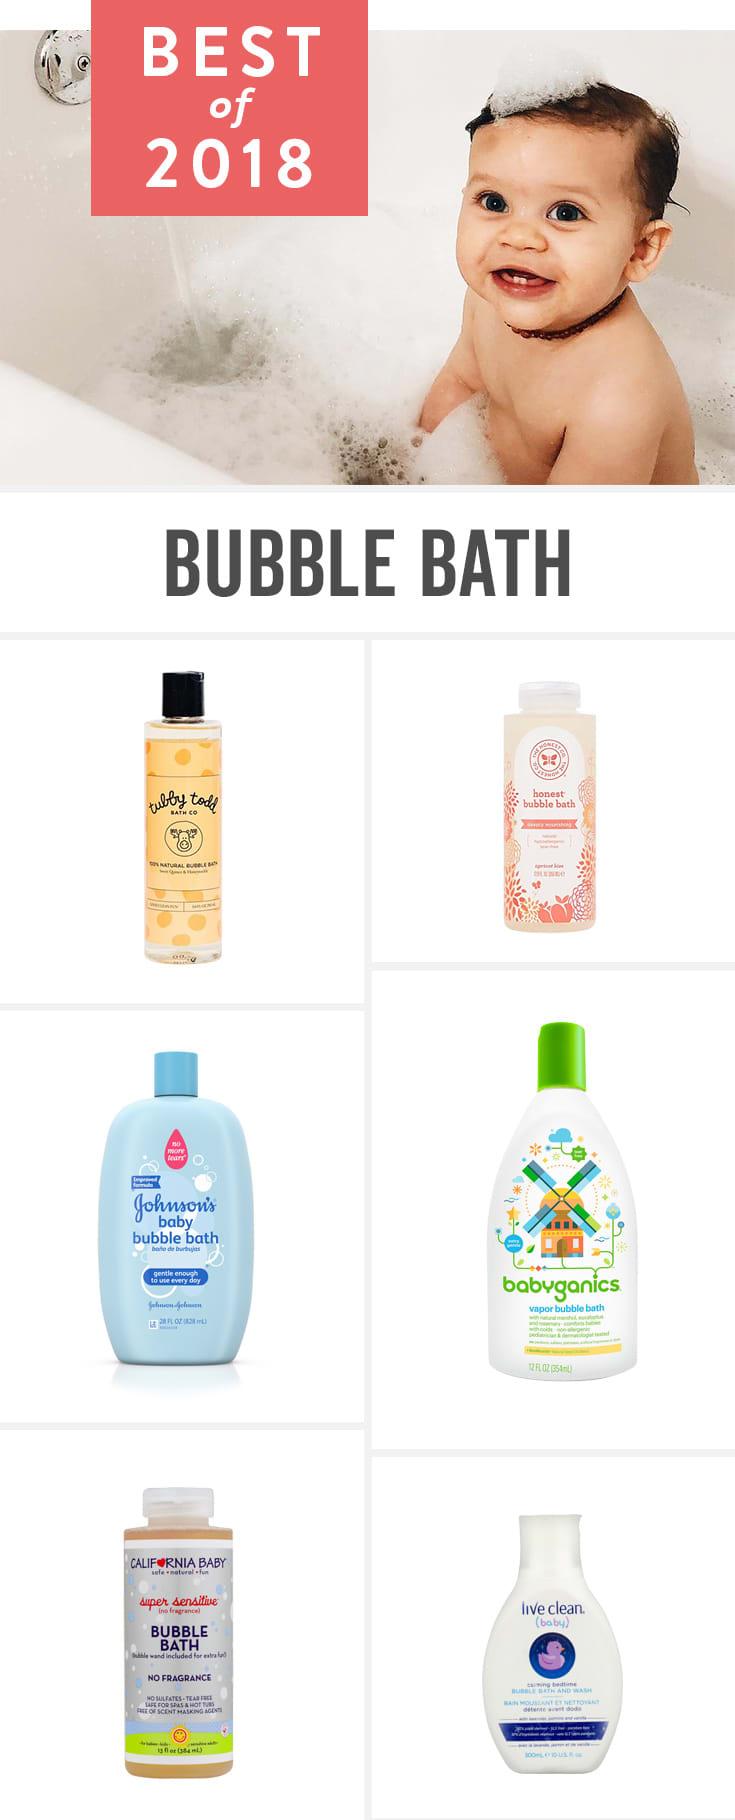 Best Bubble Baths of 2018